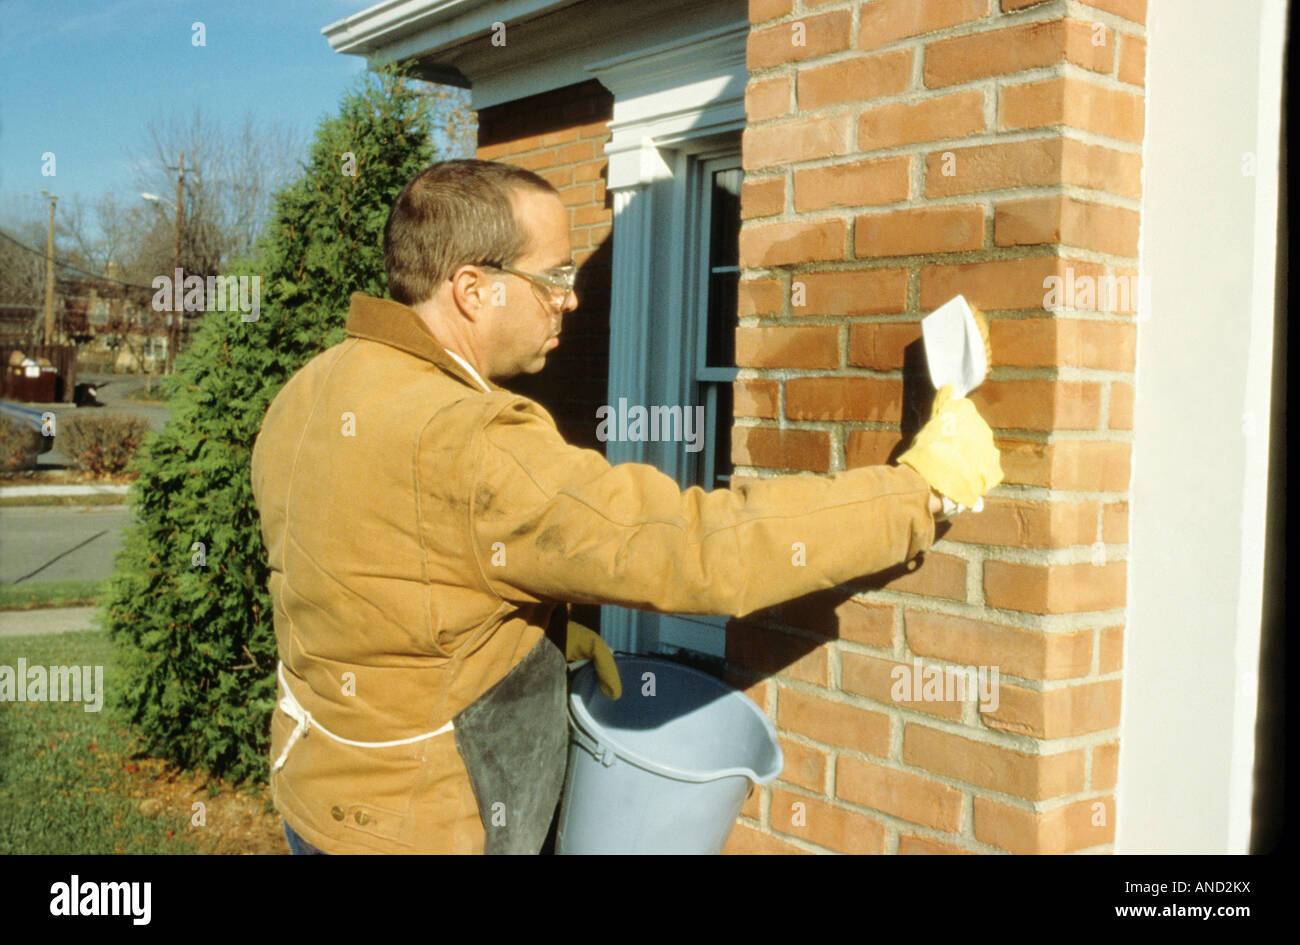 Acide Chlorhydrique Nettoyage l'acide chlorhydrique utilisé pour nettoyer le mortier de brique